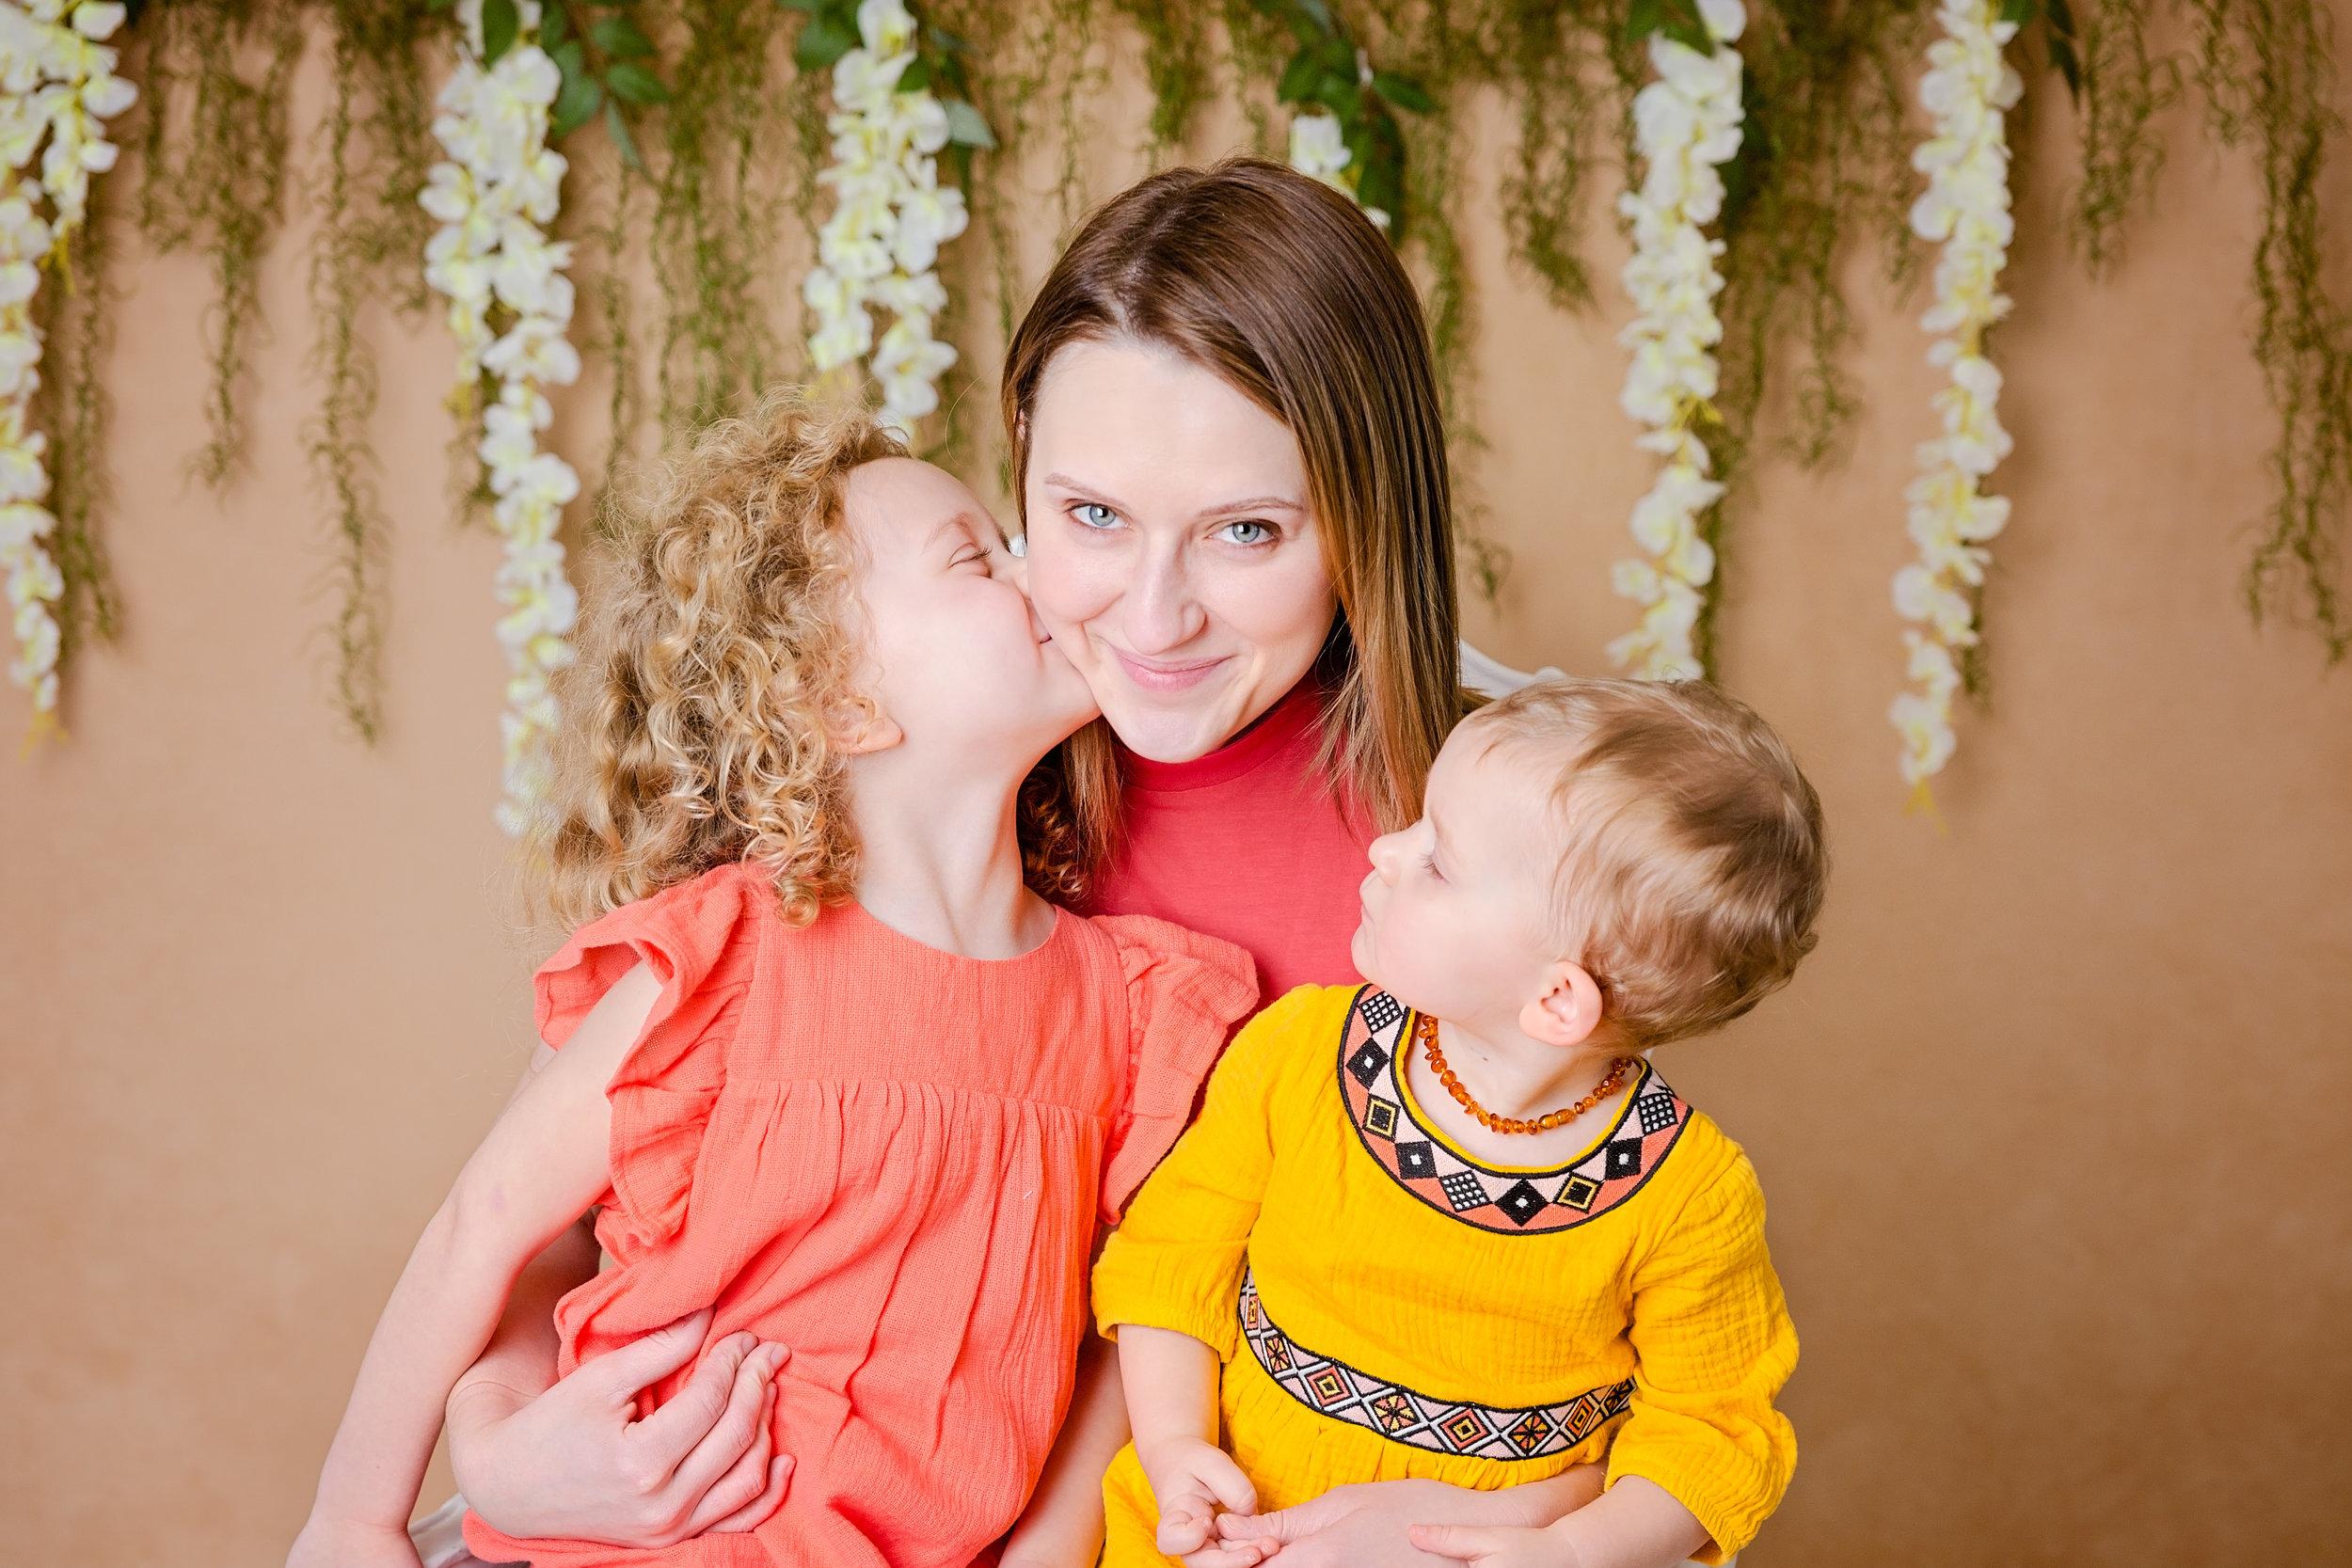 Erica_mommyme-03.jpg